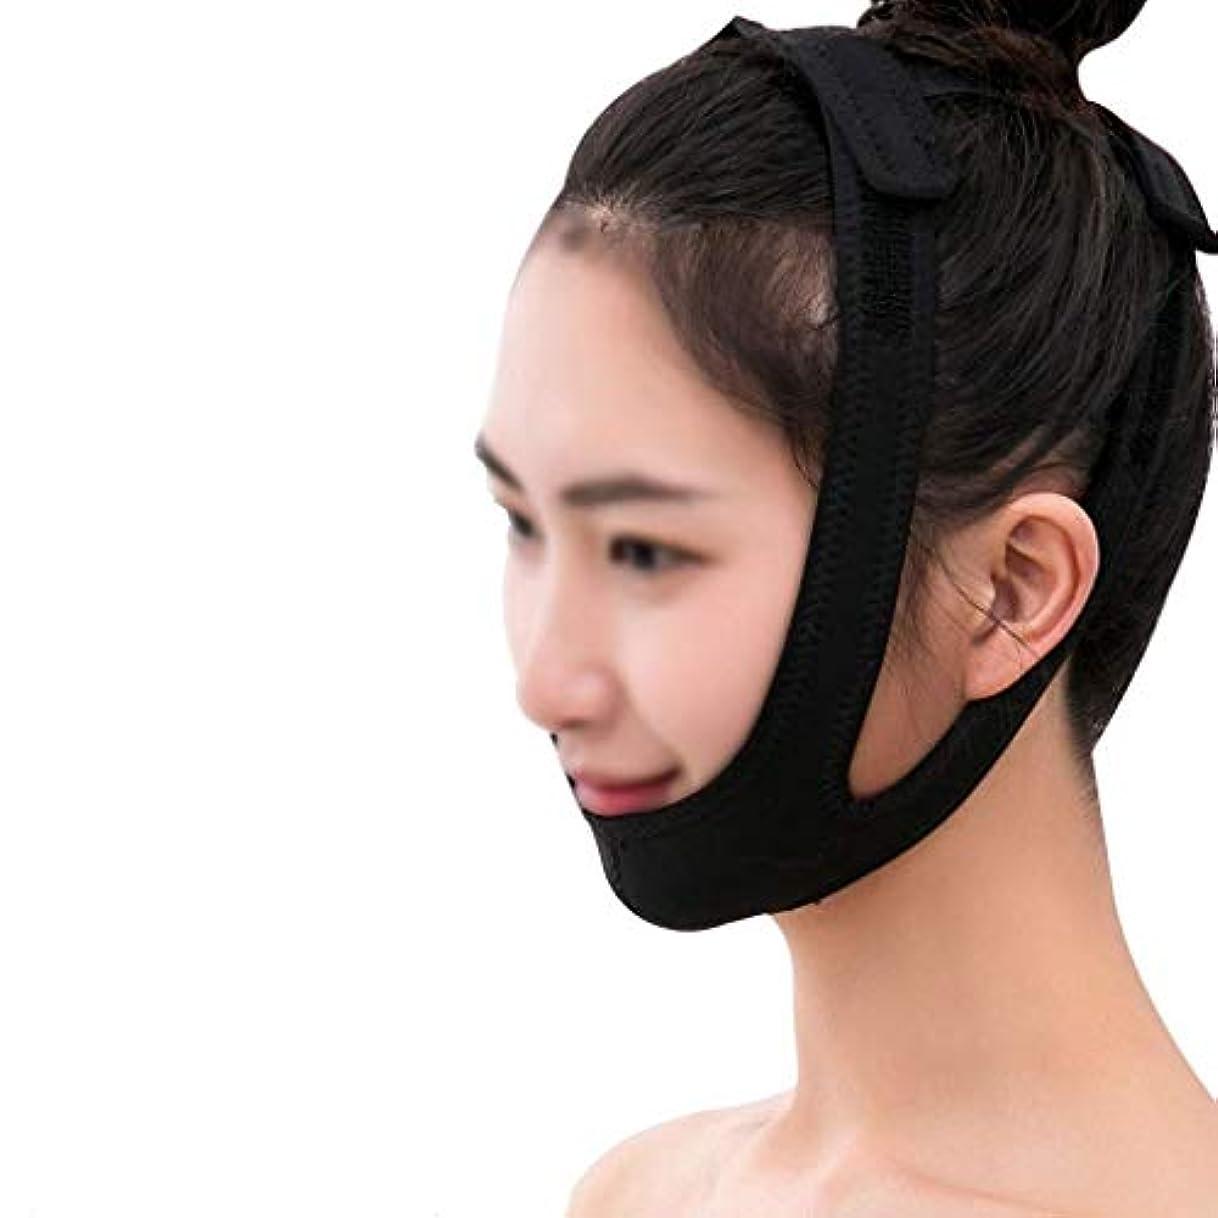 兵器庫植木アリフェイシャルリフティングマスク、医療用ワイヤーカービングリカバリーヘッドギアVフェイス包帯ダブルチンフェイスリフトマスク